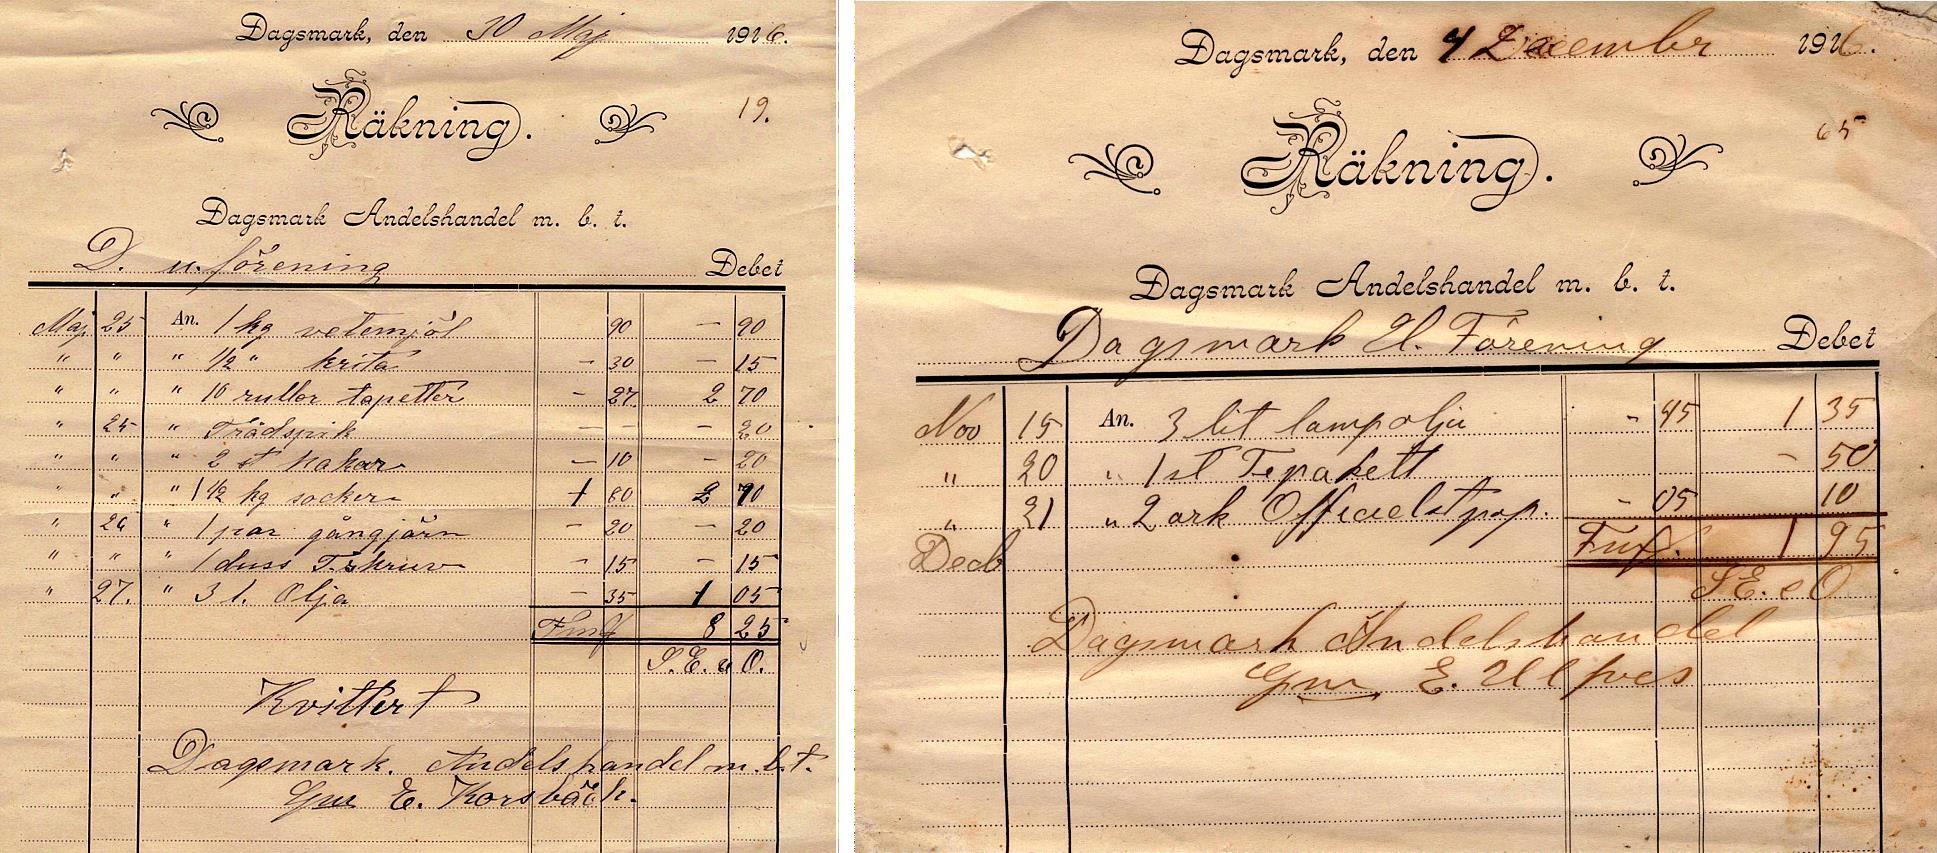 Dagsmark Ungdomsförening gjorde flera inköp i den egna Andelsandeln. Kvittot är kvitterat av E. Ulfves.